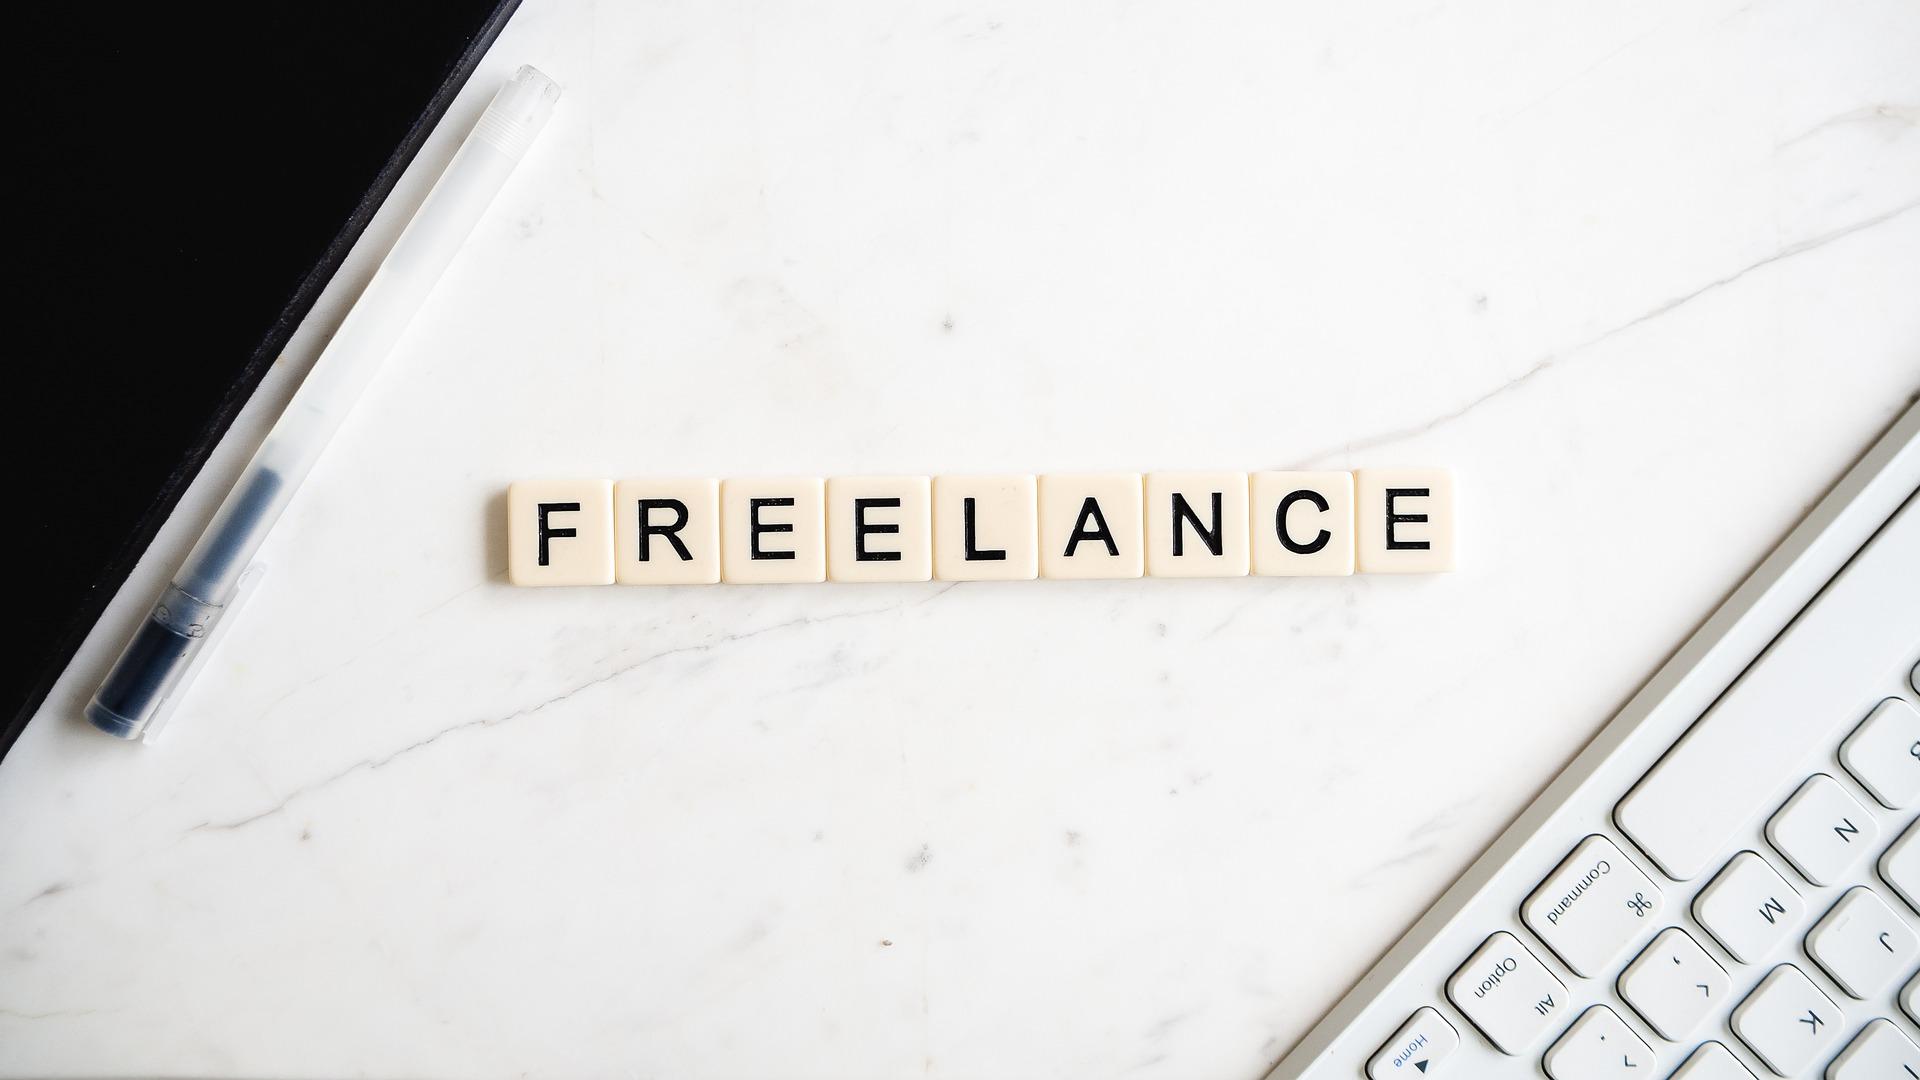 Photo présentant le mot freelance avec un clavider